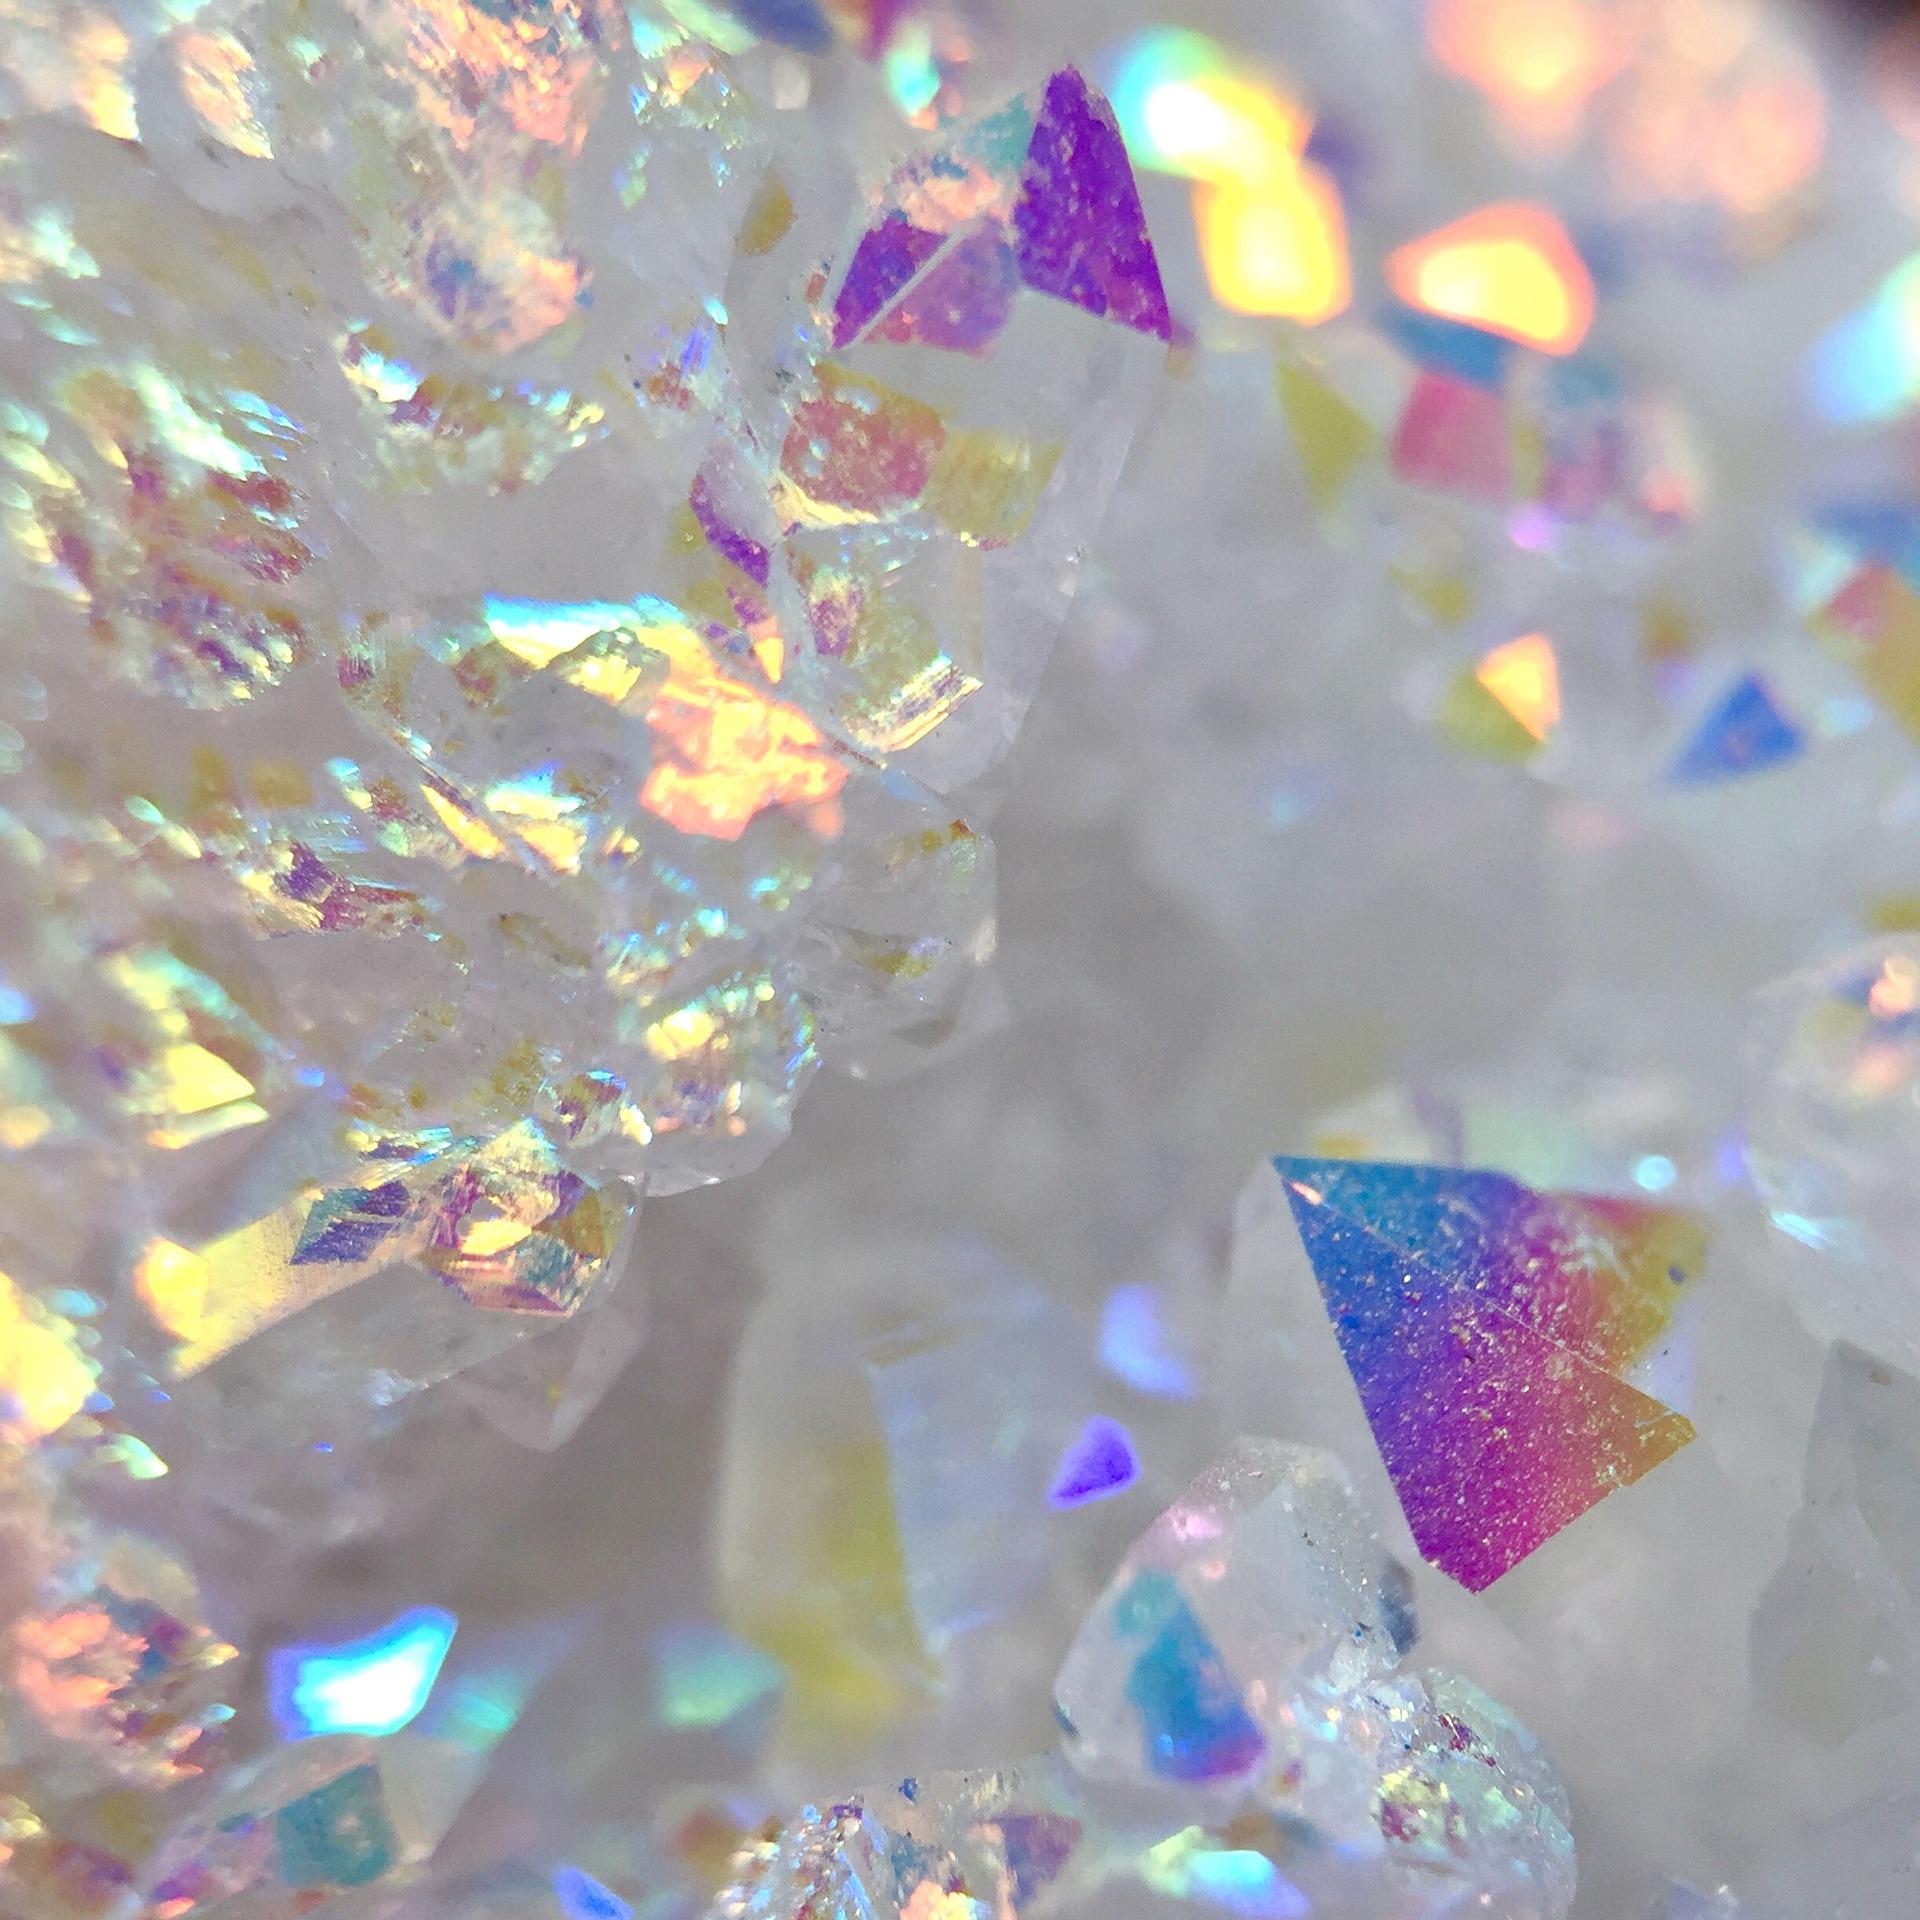 7) Beginners Crystal Healing Workshop